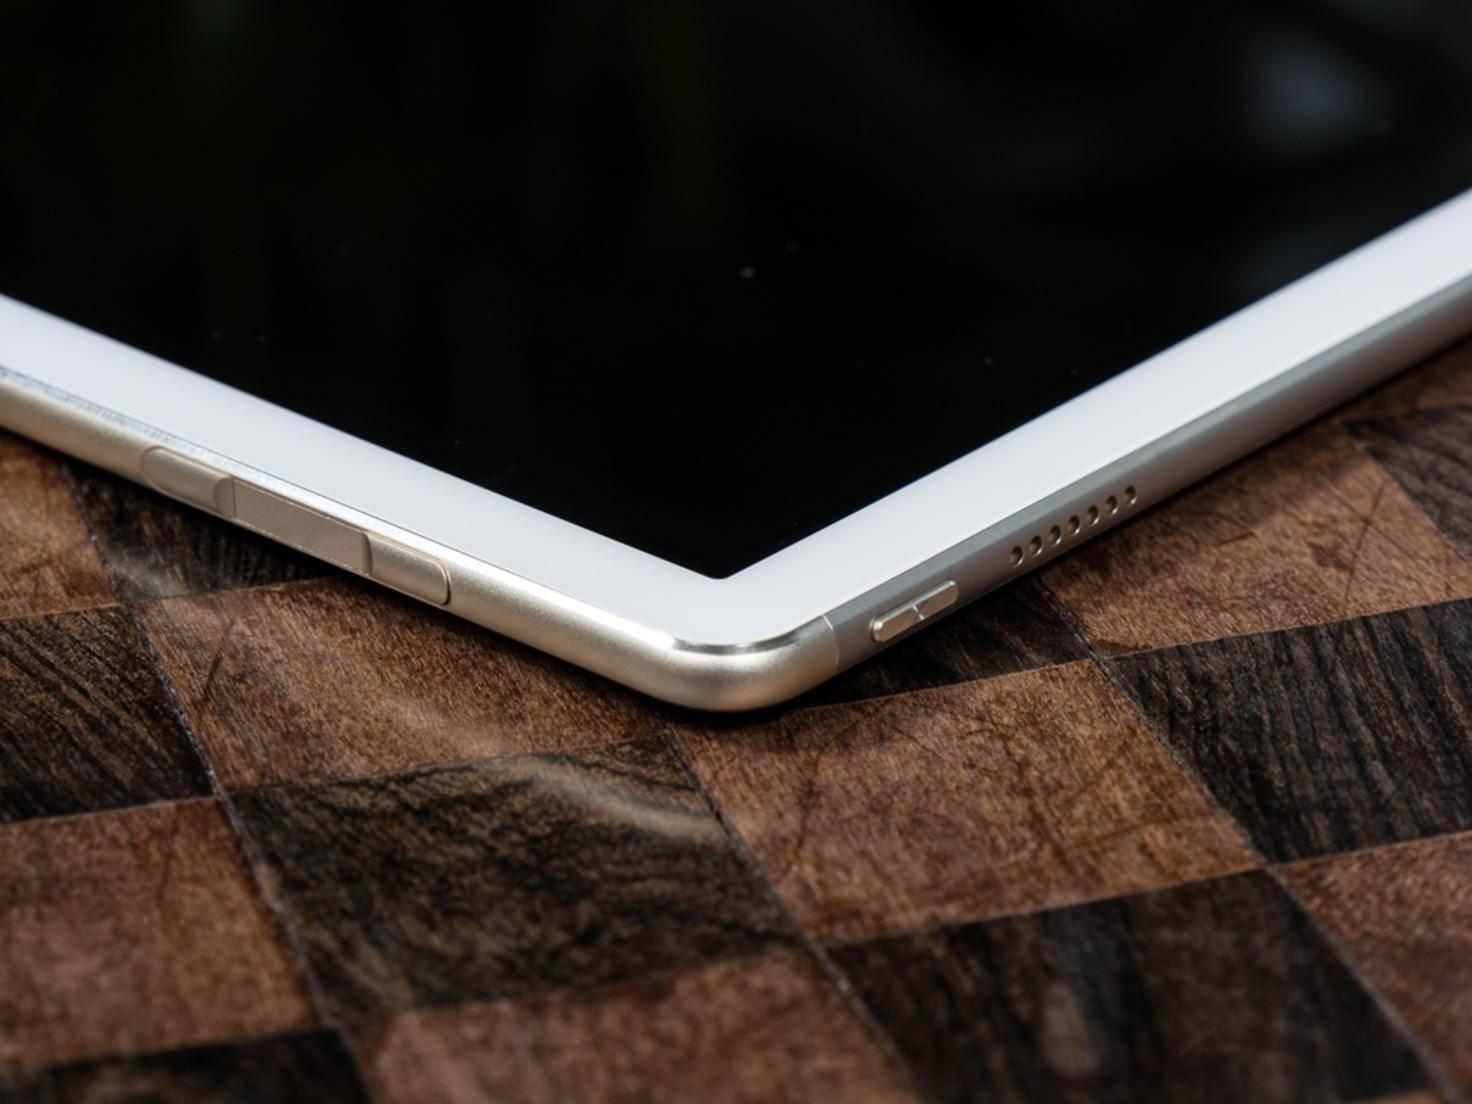 Die abgerundeten Kanten sind ebenfalls Apple-typisch.